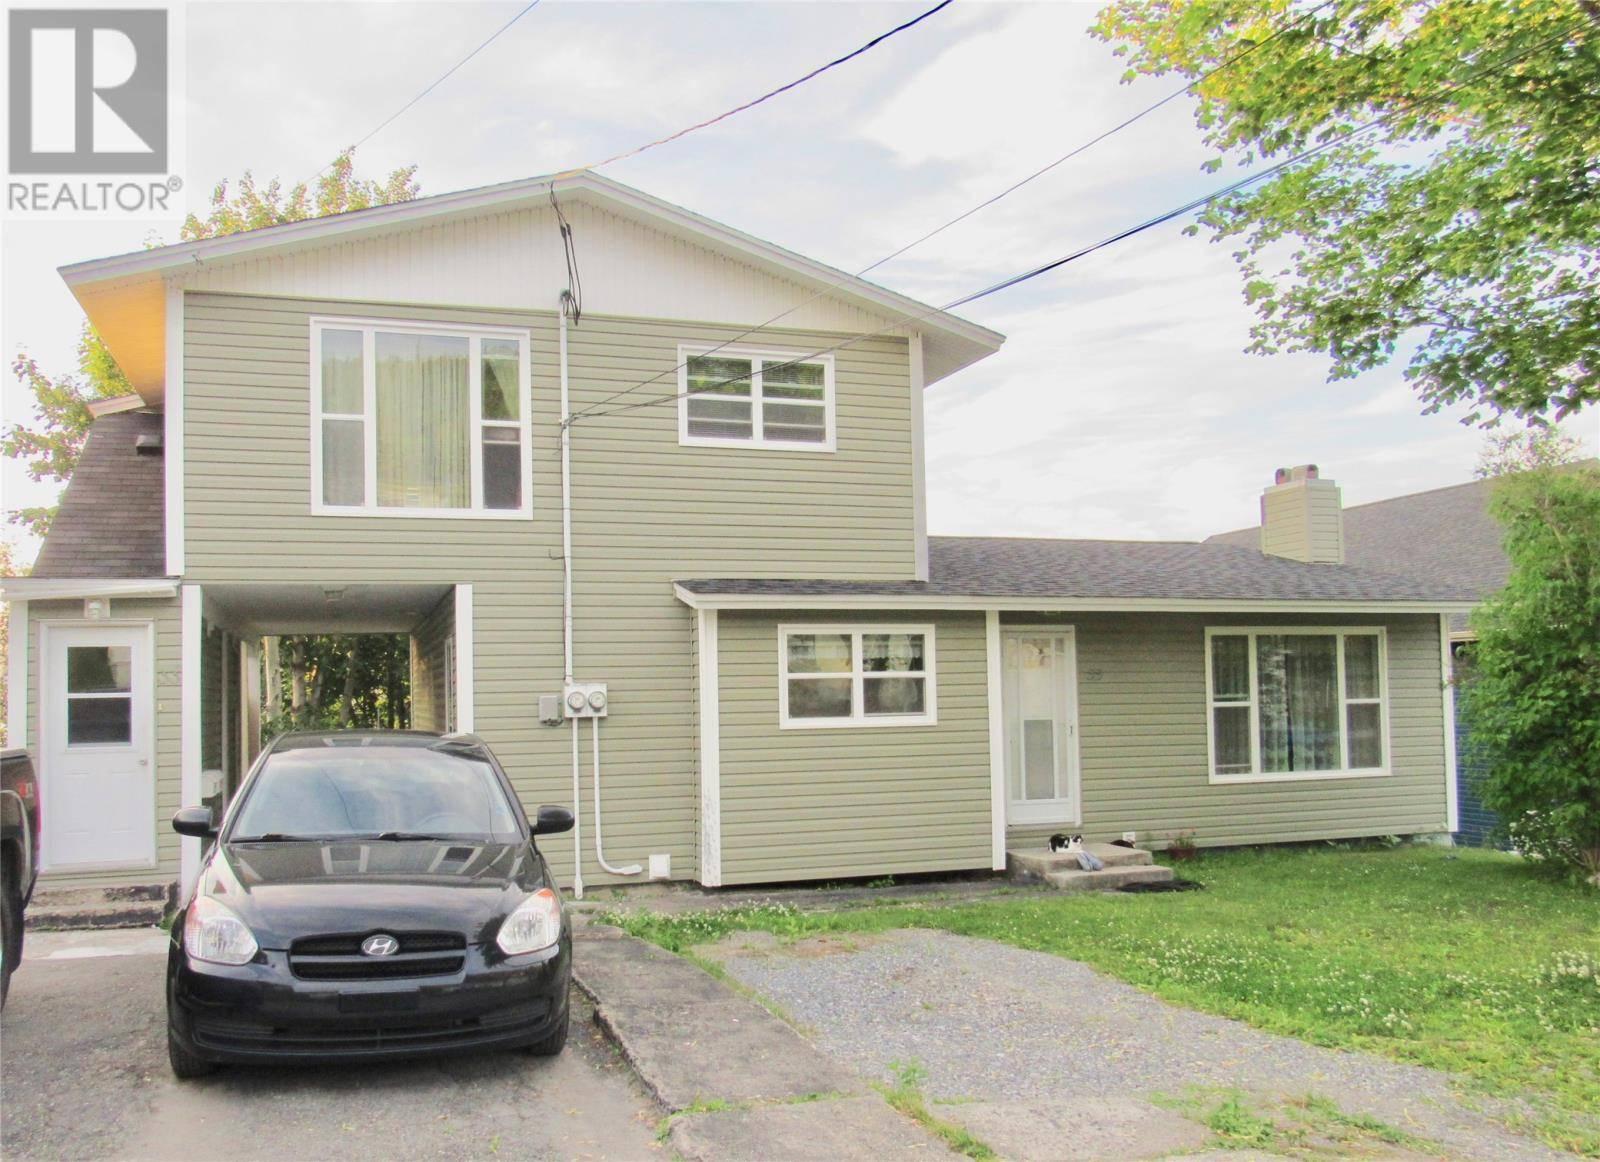 House for sale at 33 Petley St Corner Brook Newfoundland - MLS: 1199969